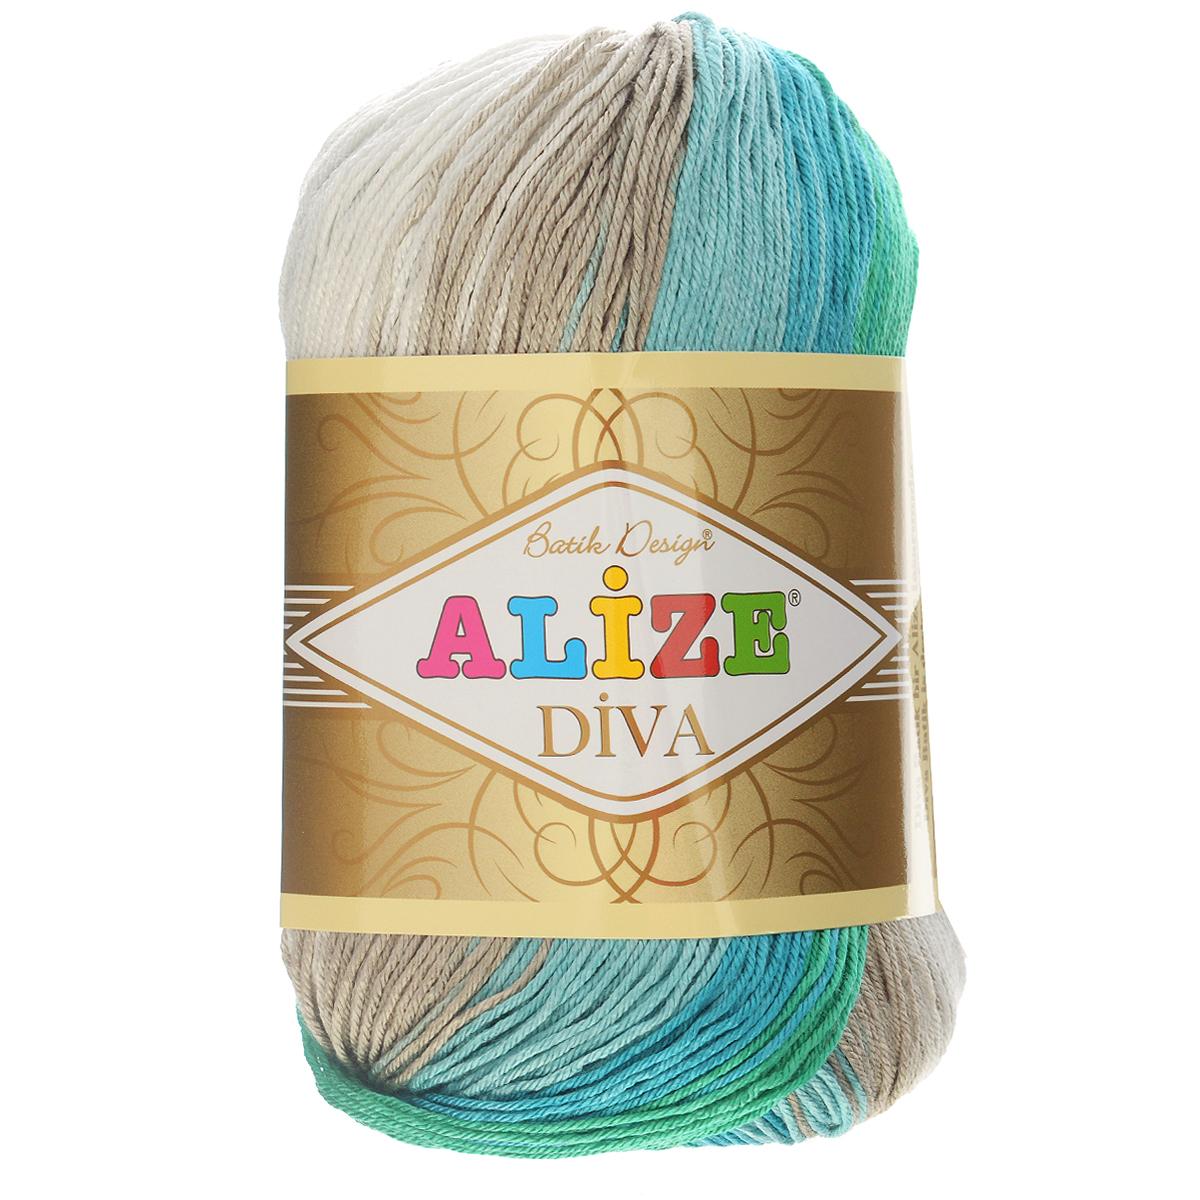 Пряжа для вязания Alize Diva. Batik Design, цвет: зеленый, желтый, серый (4117), 350 м, 100 г, 5 шт364119_4117Пряжа для вязания Alize Diva. Batik Design- это тщательно обработанная акриловая пряжа, которая приобретает вид мерсеризованной нити с эффектом шелка. Пряжа обладает отличными свойствами: мягкая, воздухопроницаемая, прочная. Пряжа из микрофибры считается материалом нового поколения. Легкая шелковистая пряжа удлиненной секции окрашивания для весенних или летних вещей. Приятная на ощупь, гигроскопичная она подойдет для сарафанов, туник, платьев, легких костюмов, кофт, шалей и накидок. Пряжа не скатывается, не вызывает аллергию, не линяет и не оставляет ворсинок на другой одежде. Рекомендации по уходу: деликатная ручная стирка при 30°С, не отжимать в стиральной машине, не отбеливать хлорсодержащими веществами. Глажение на минимальной температуре. Сушите на горизонтальной поверхности: предварительно придав изделию естественную форму. Рекомендованный размер спиц: №2,5-3,5. Рекомендованный размер крючка: №1-3. Толщина нити: 1 мм.